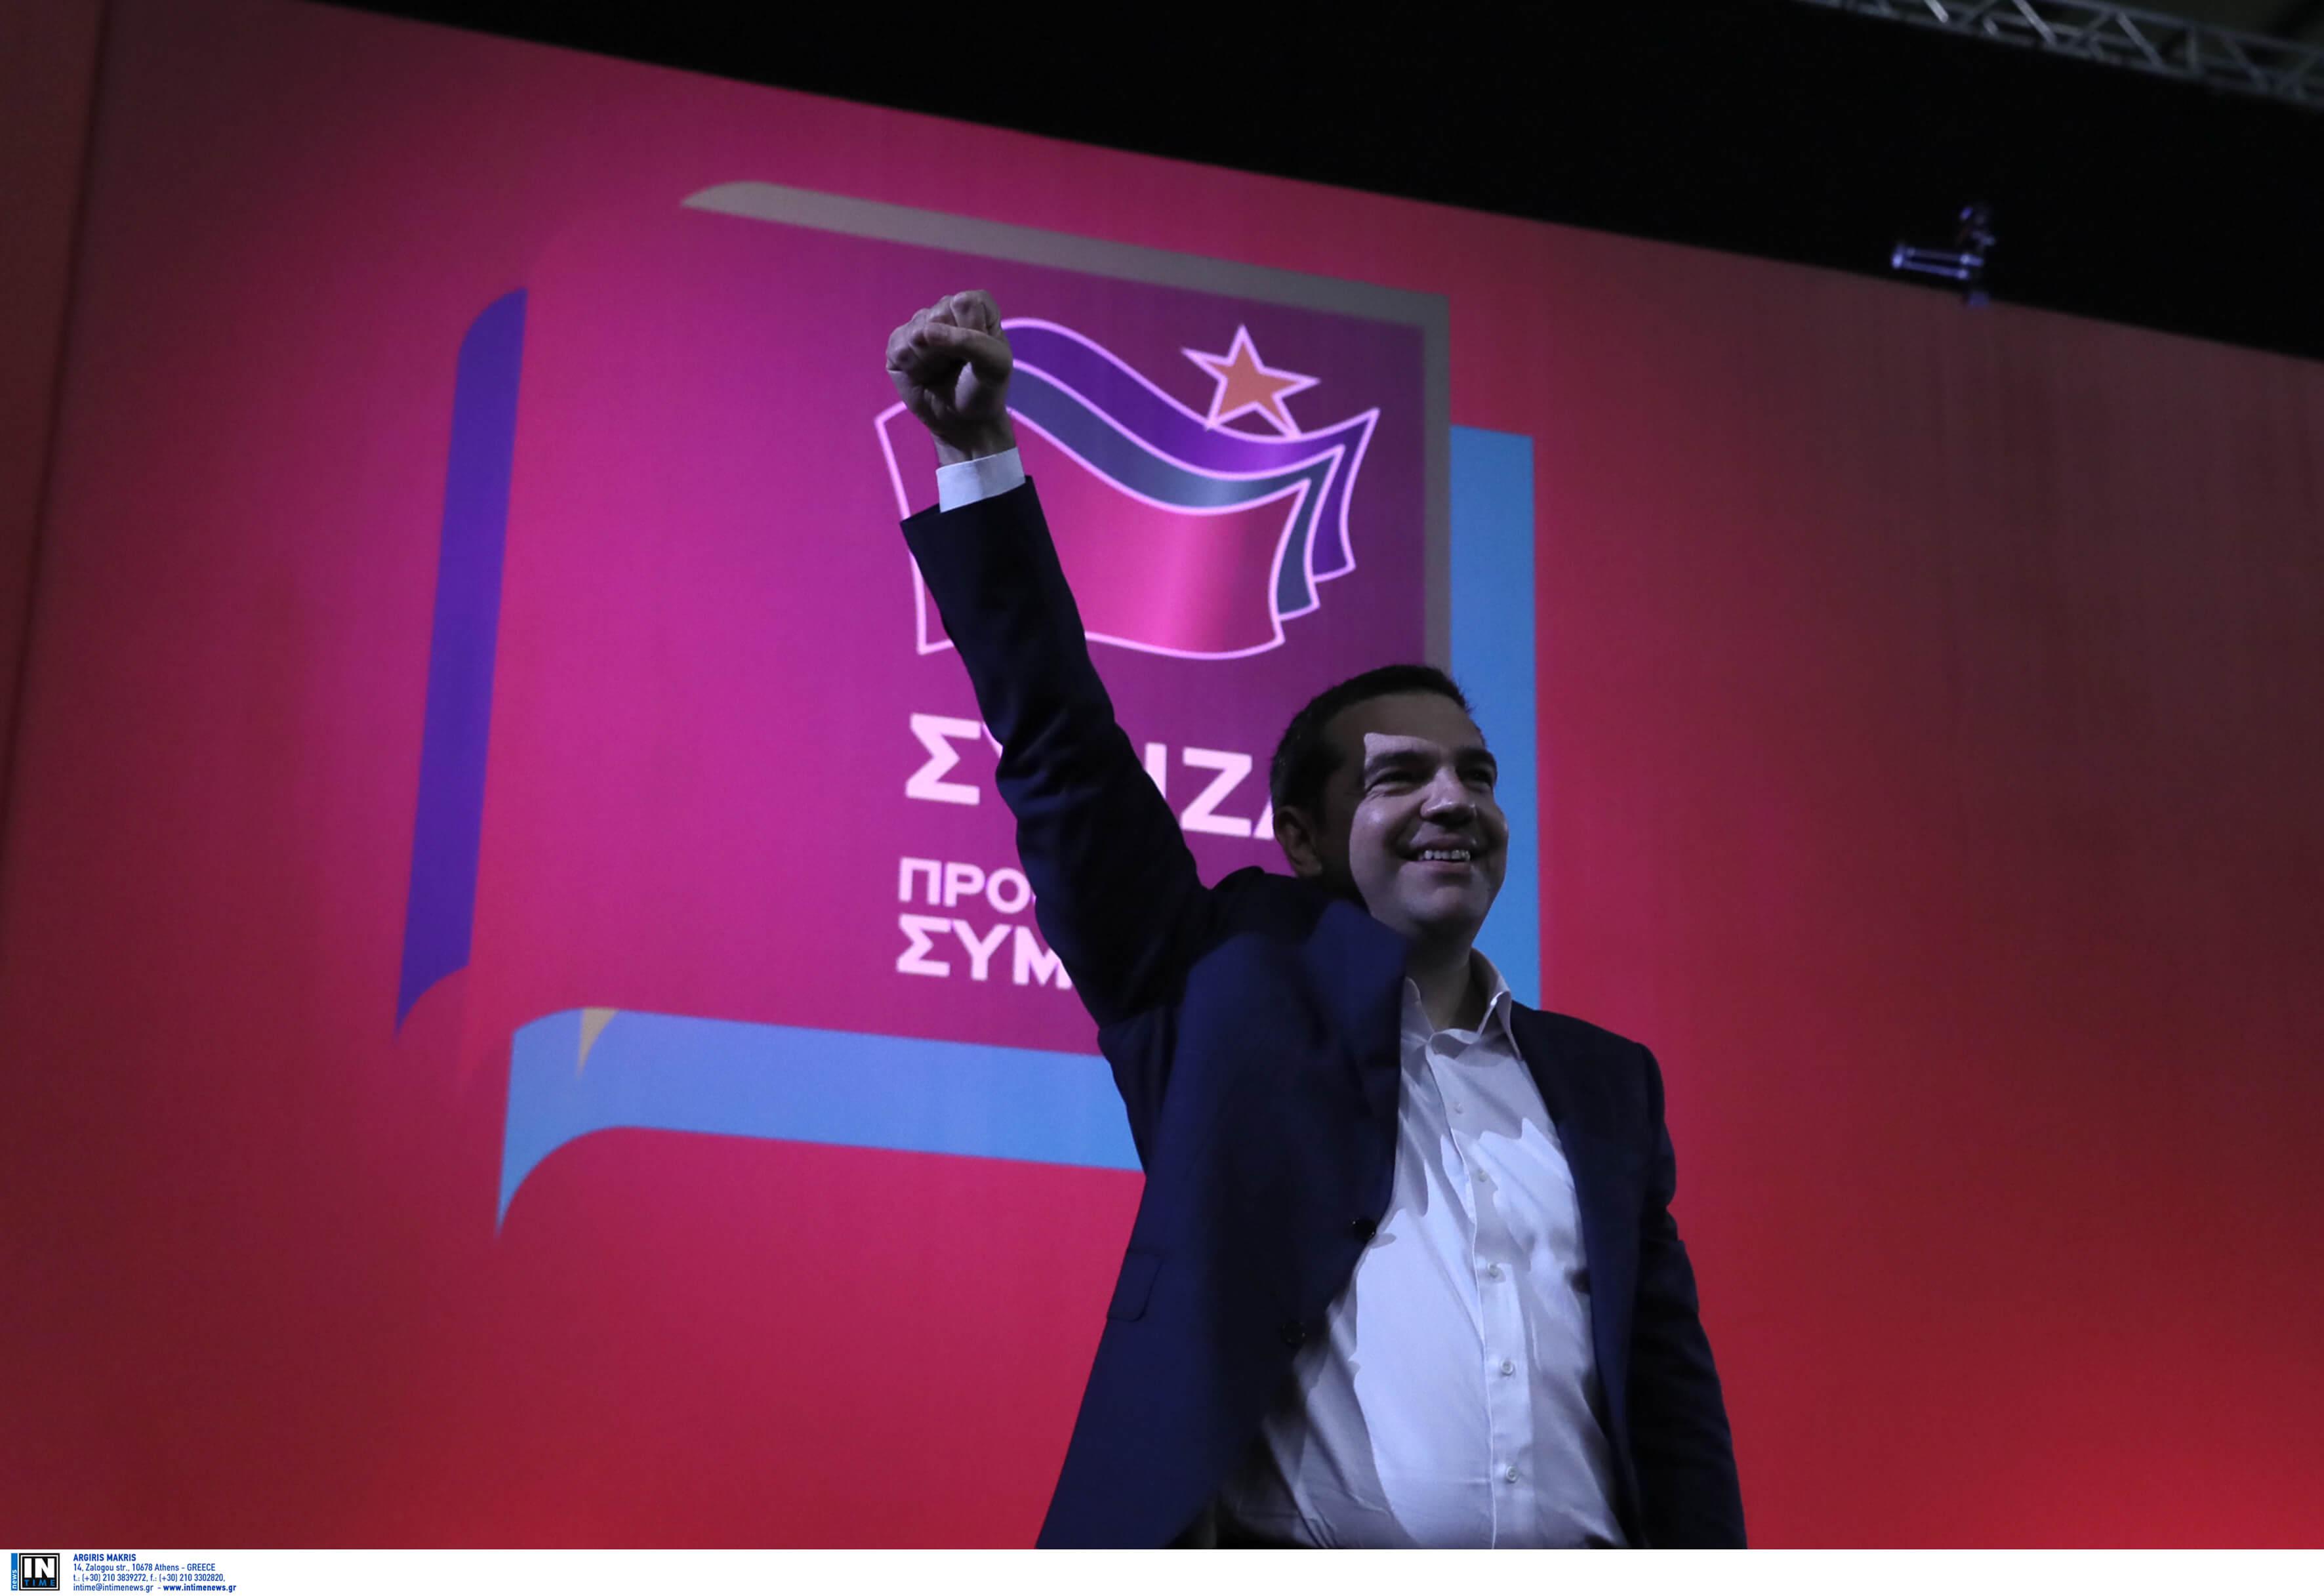 """Ποια Novartis; Η Προοδευτική Συμμαχία! Θέλει """"βαρύ"""" όνομα στο ευρωψηφοδέλτιο ο Τσίπρας – Οι υπουργοί και ο… Γεωργούλης"""